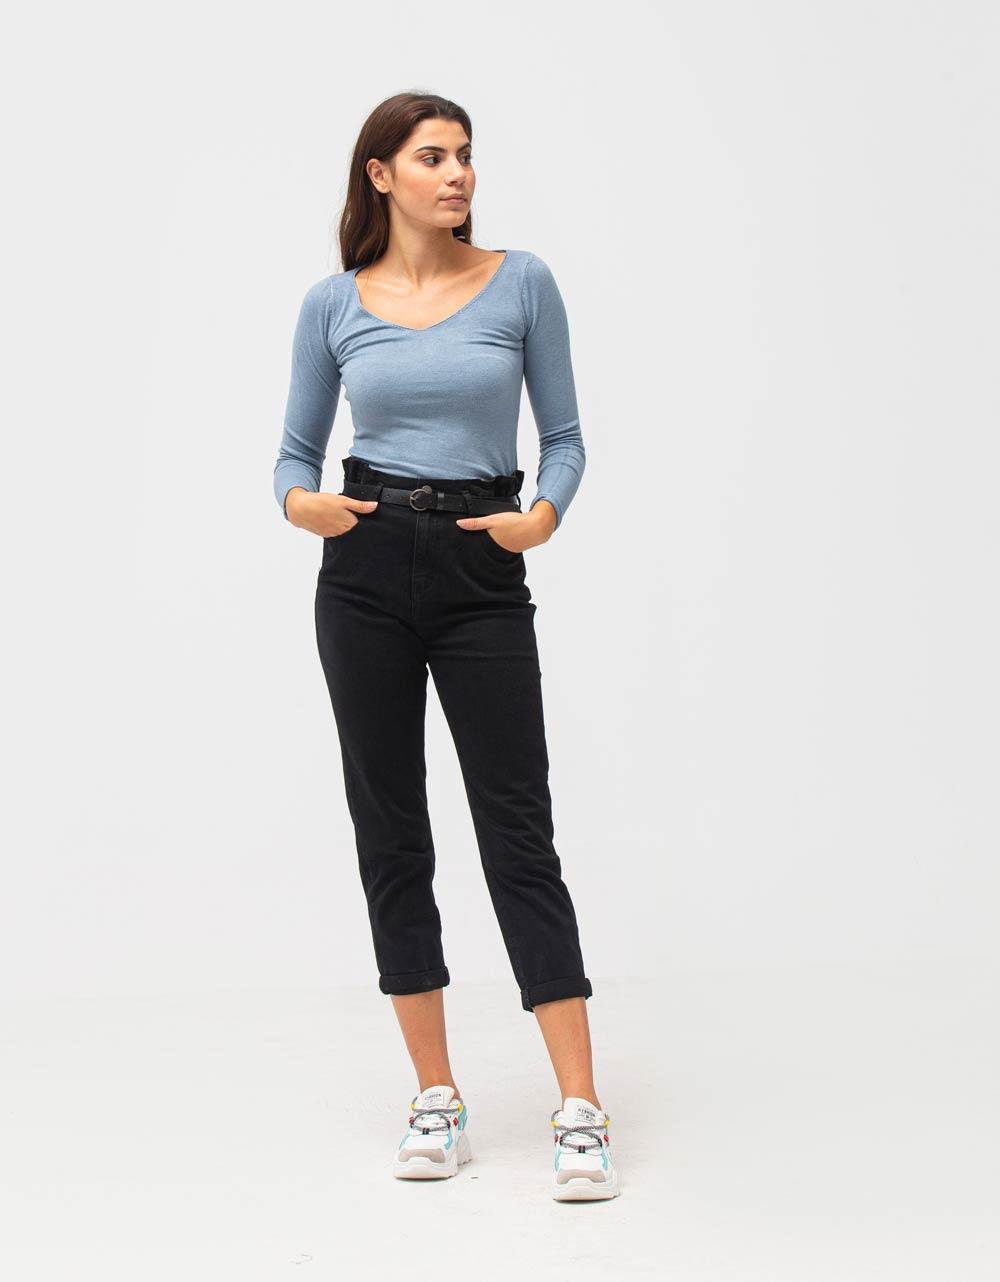 Εικόνα από Γυναικεία μπλούζα σε απλή γραμμή Σιέλ